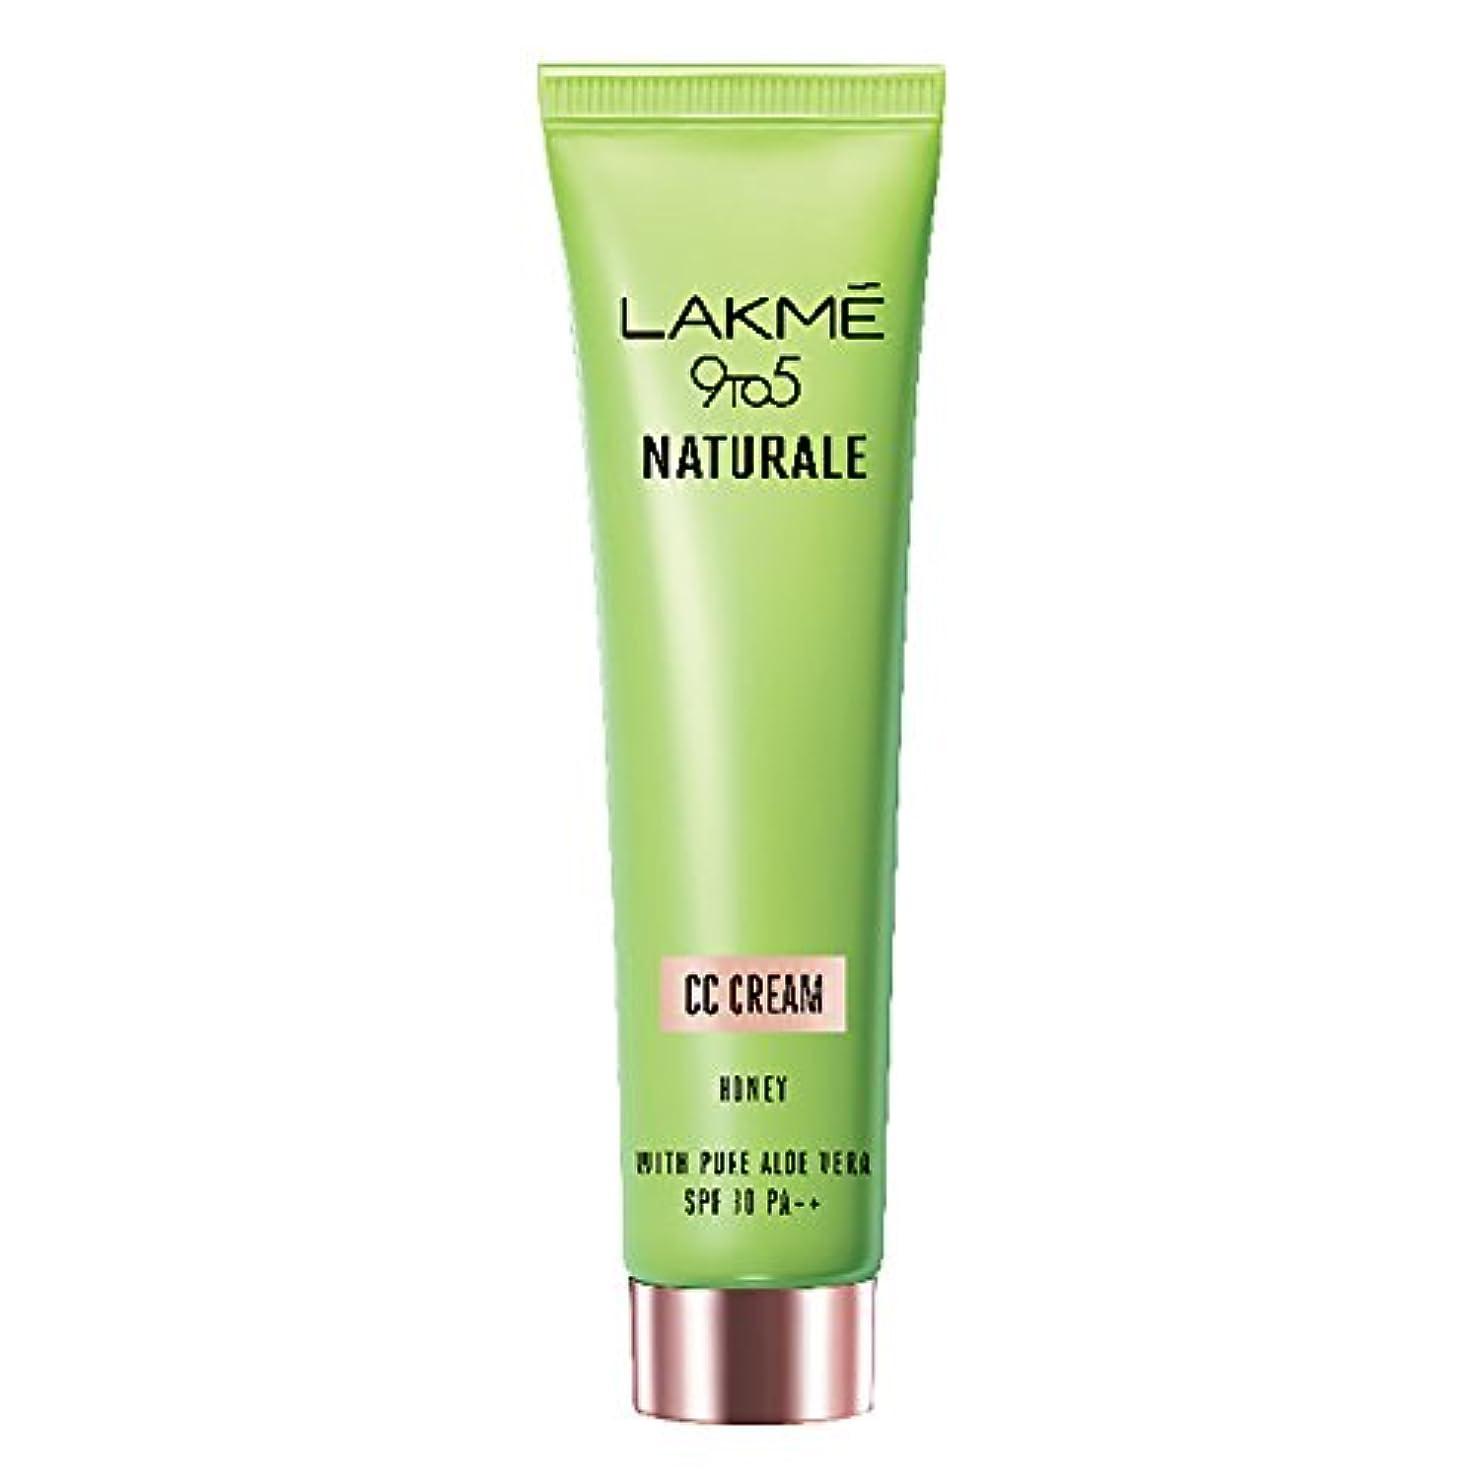 迫害するインスタンス救いLakme 9 to 5 Naturale CC Cream, Honey, 30g